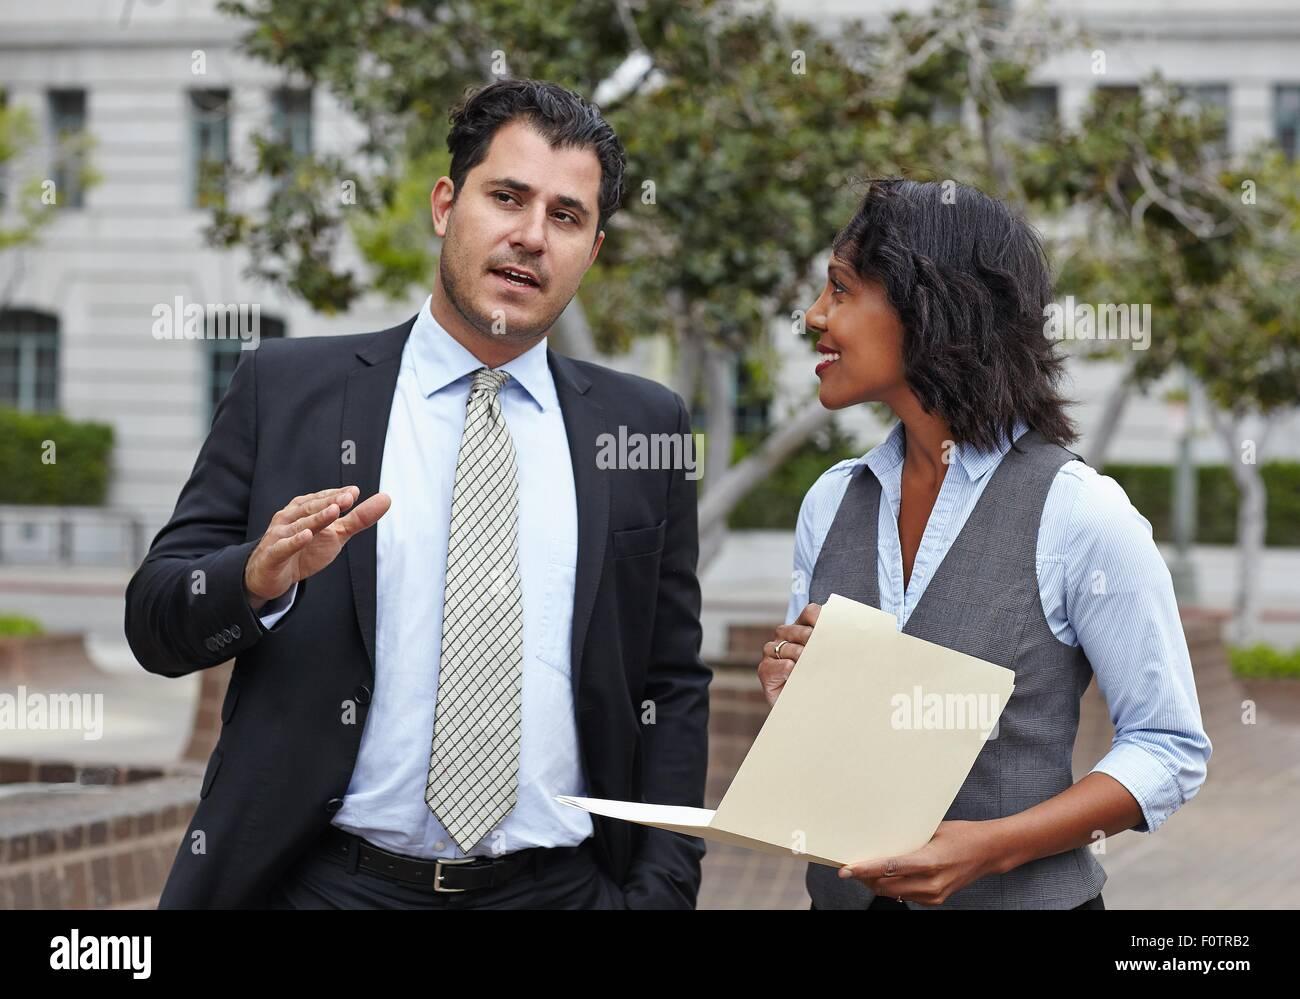 Vorderansicht der Geschäftsleute diskutieren Papierkram, Hüfte aufwärts, wegschauen Stockbild